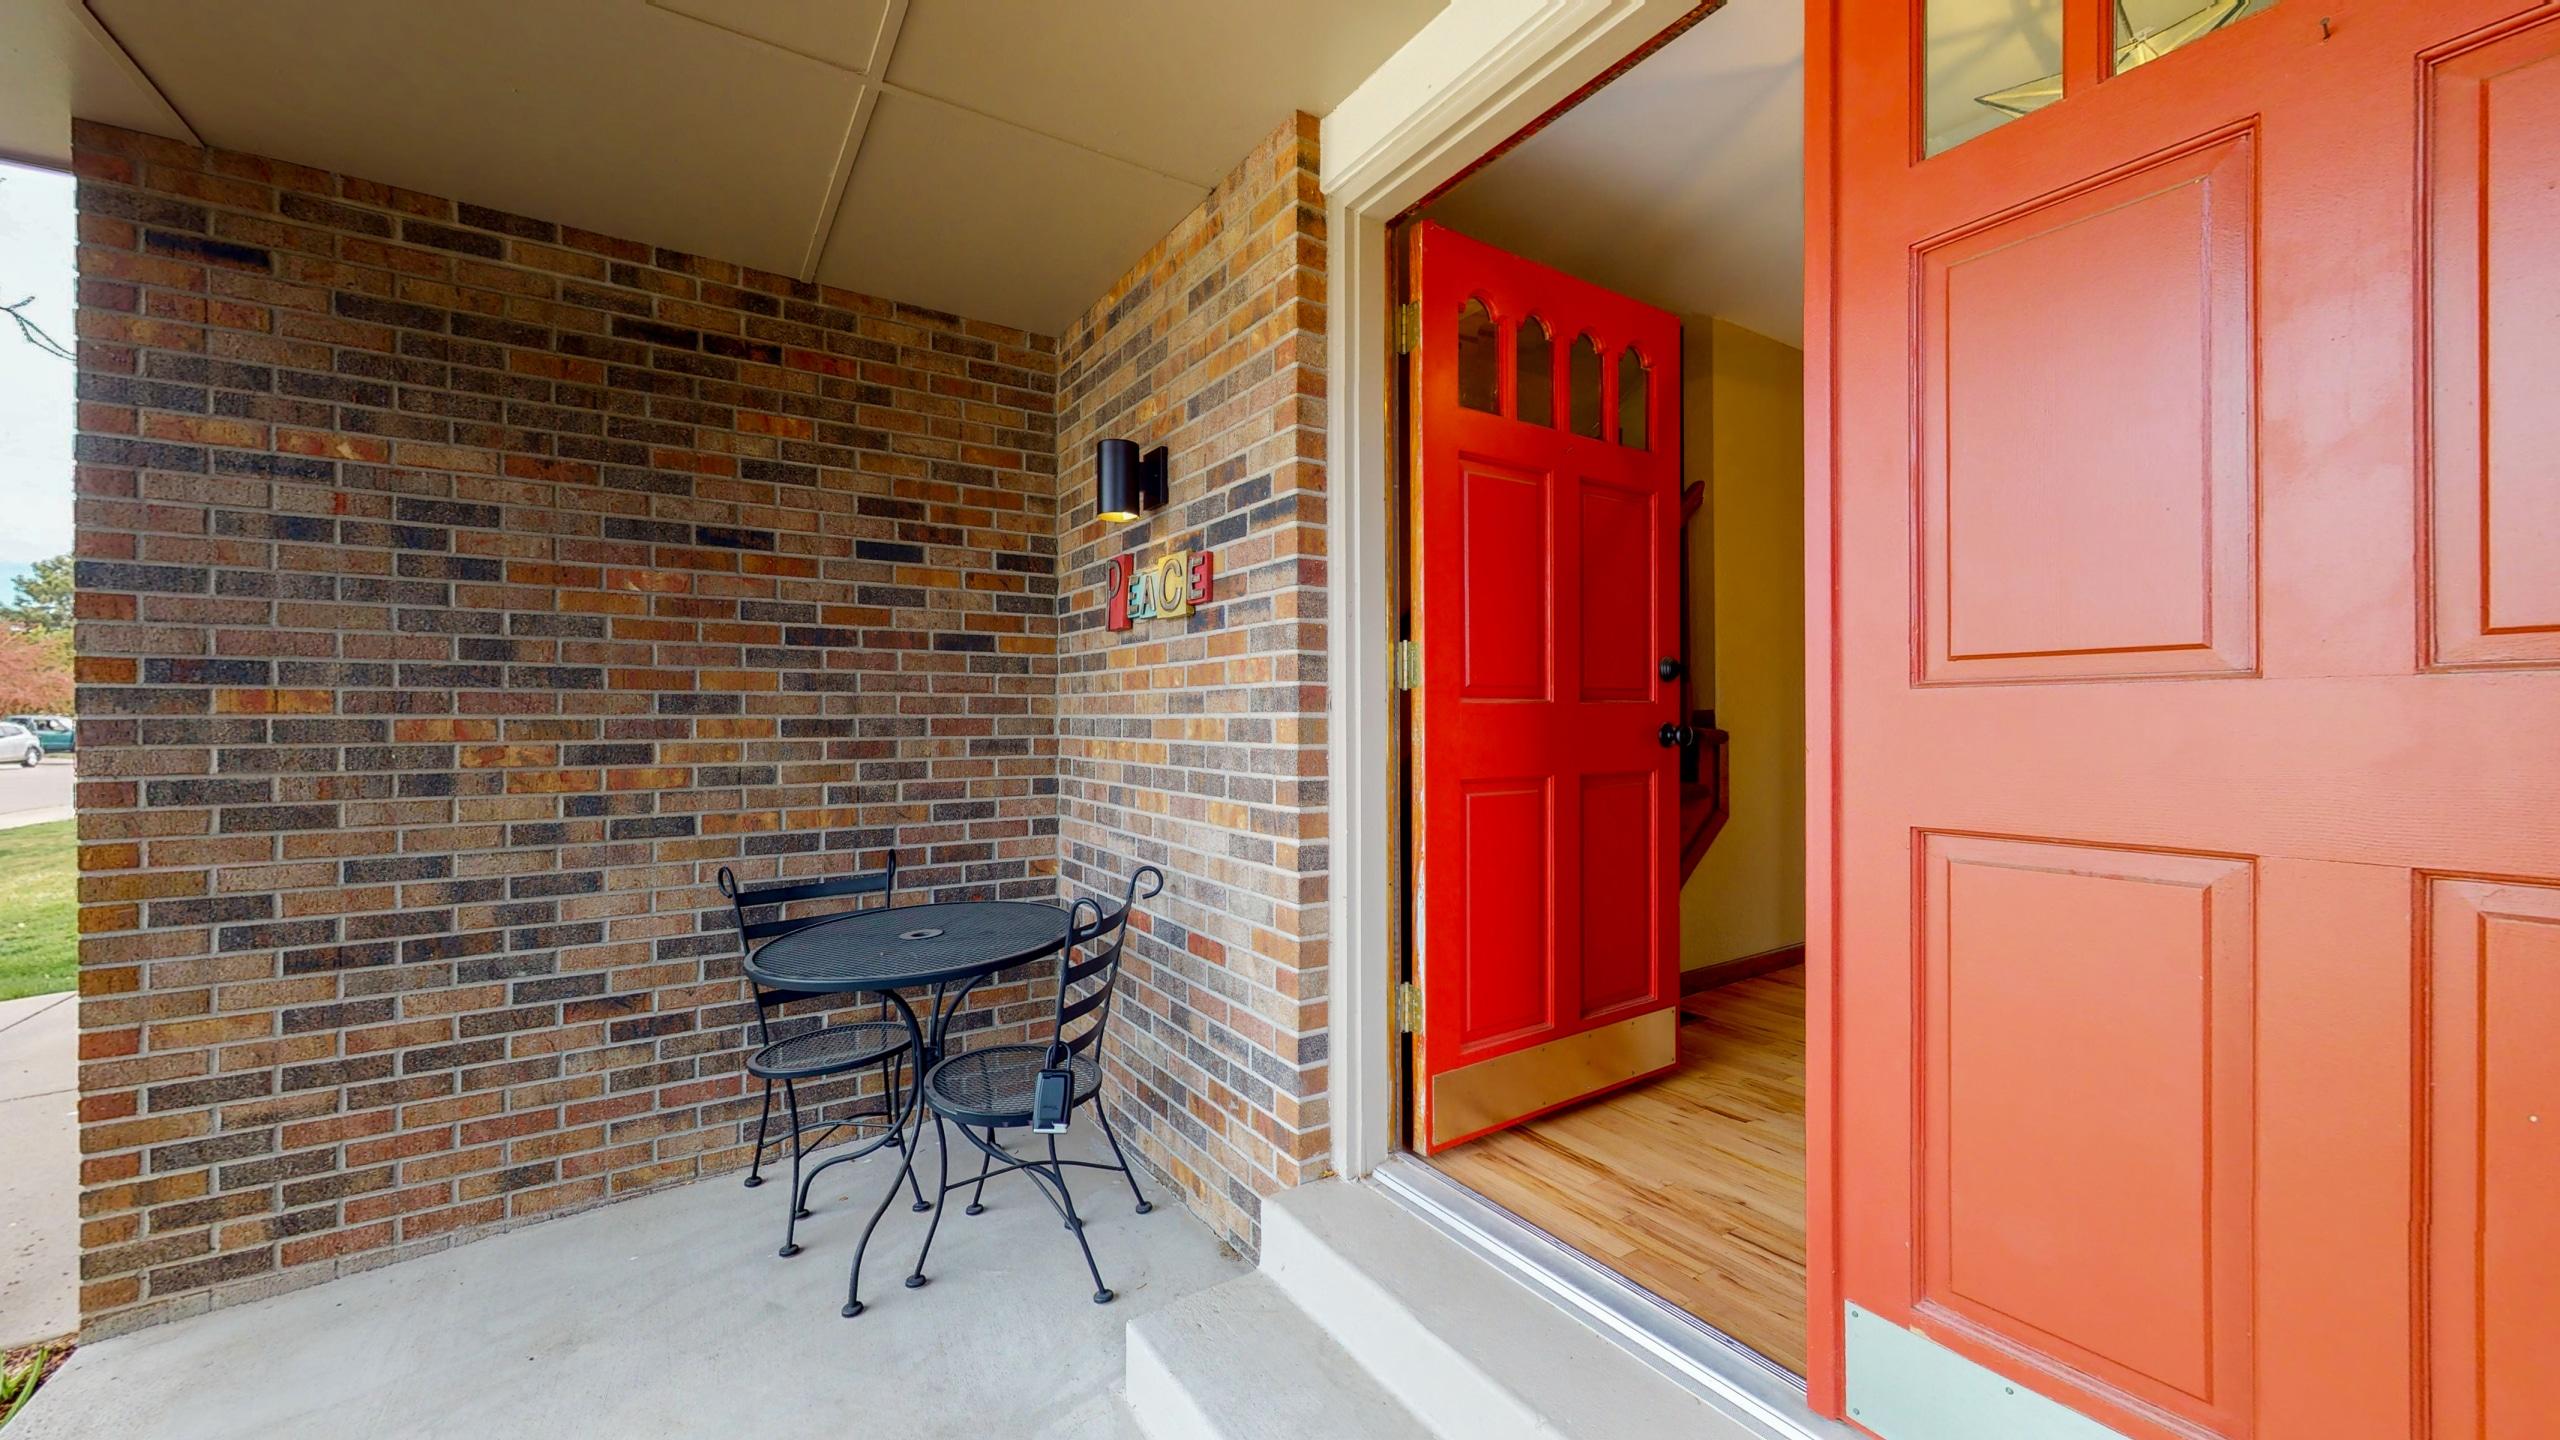 Front door, red double doors with brick exterior